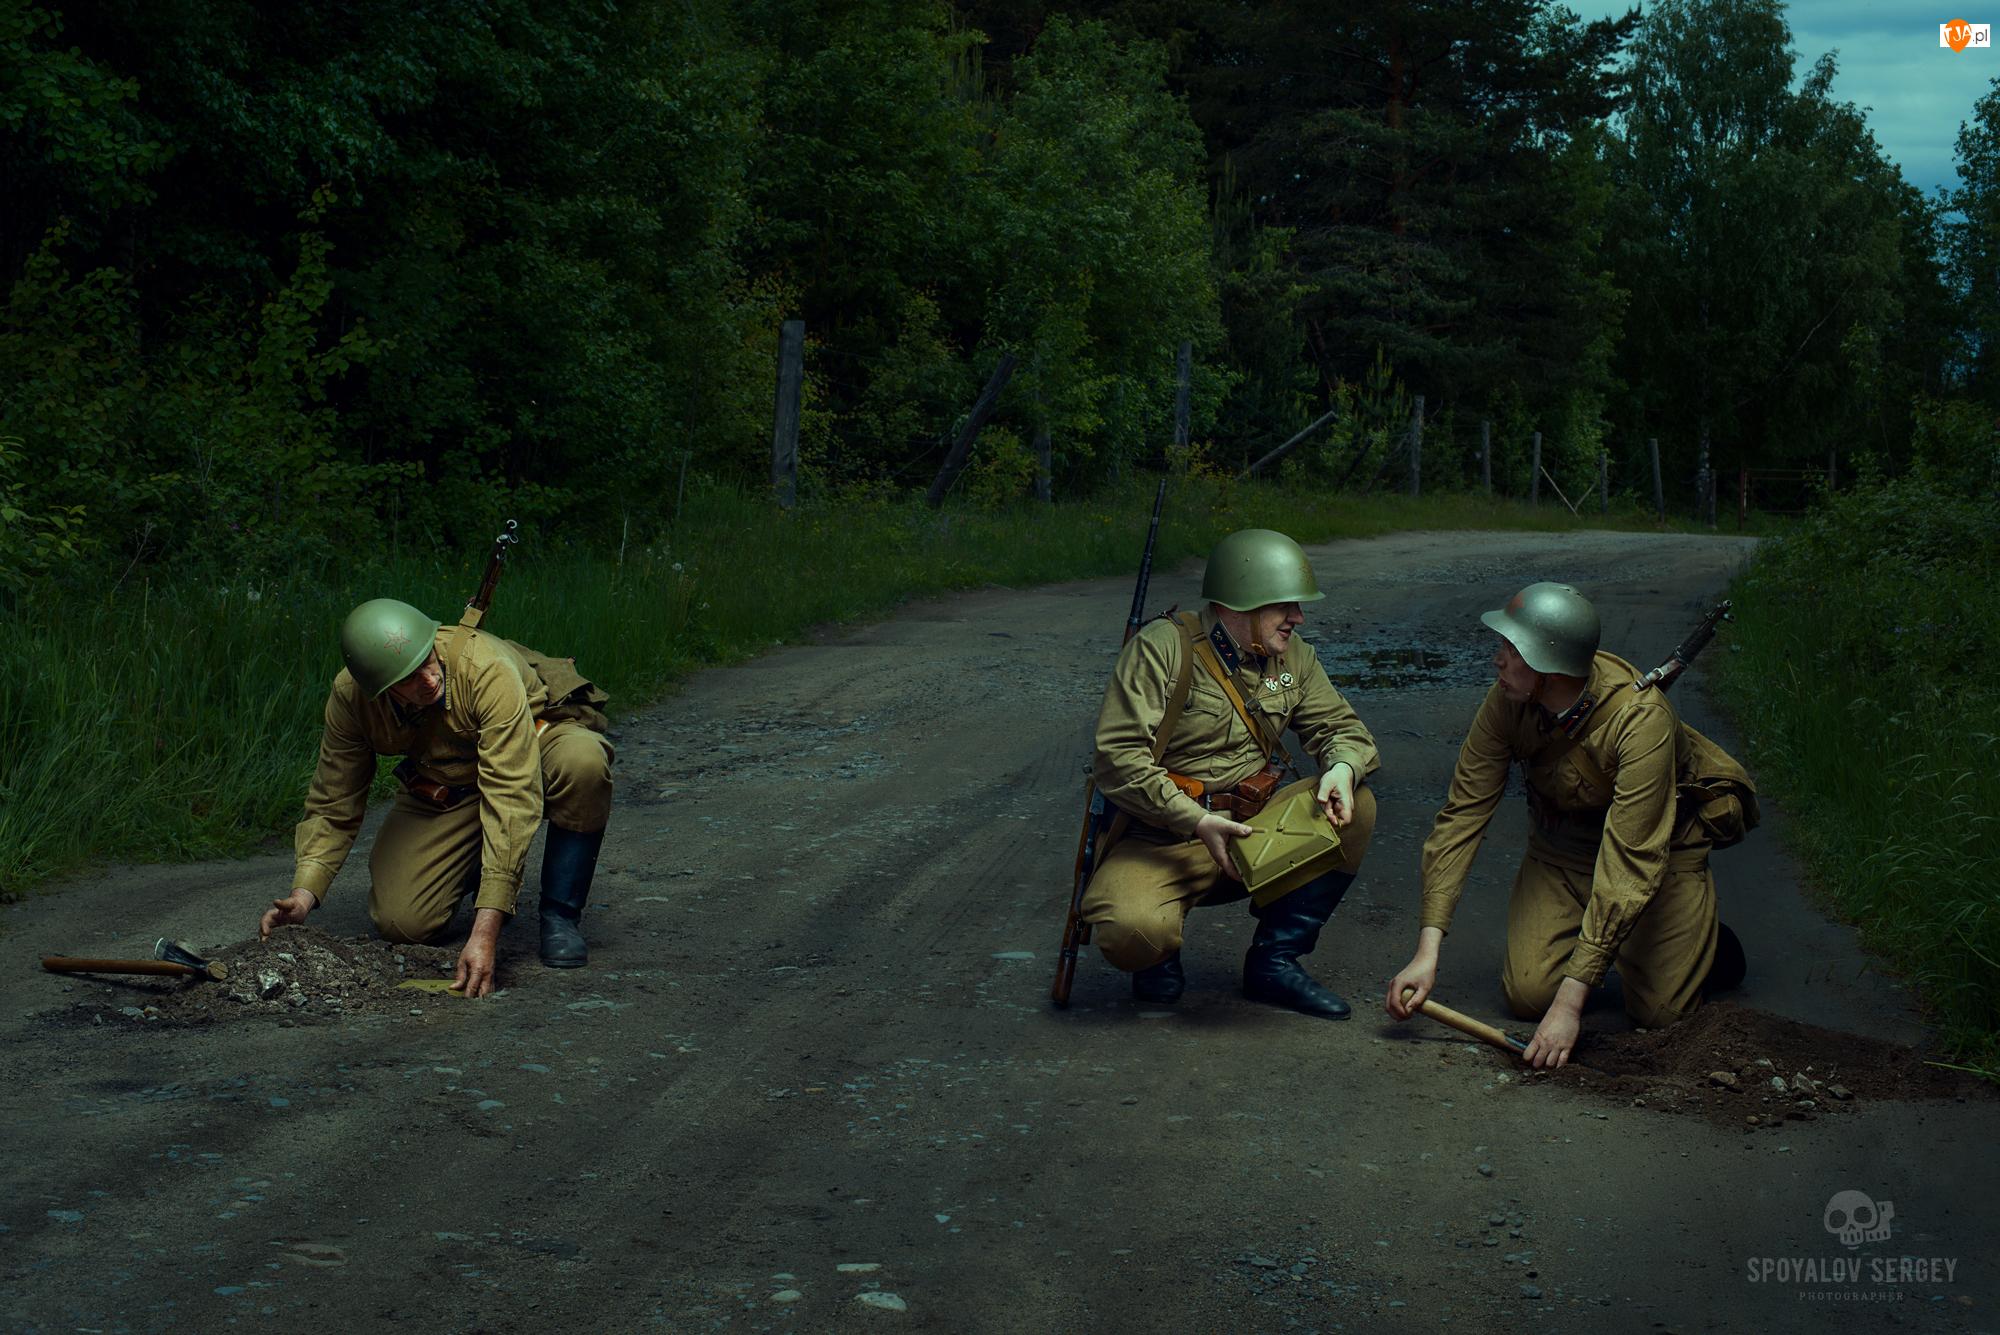 Żołnierze, Miny, Droga, Las